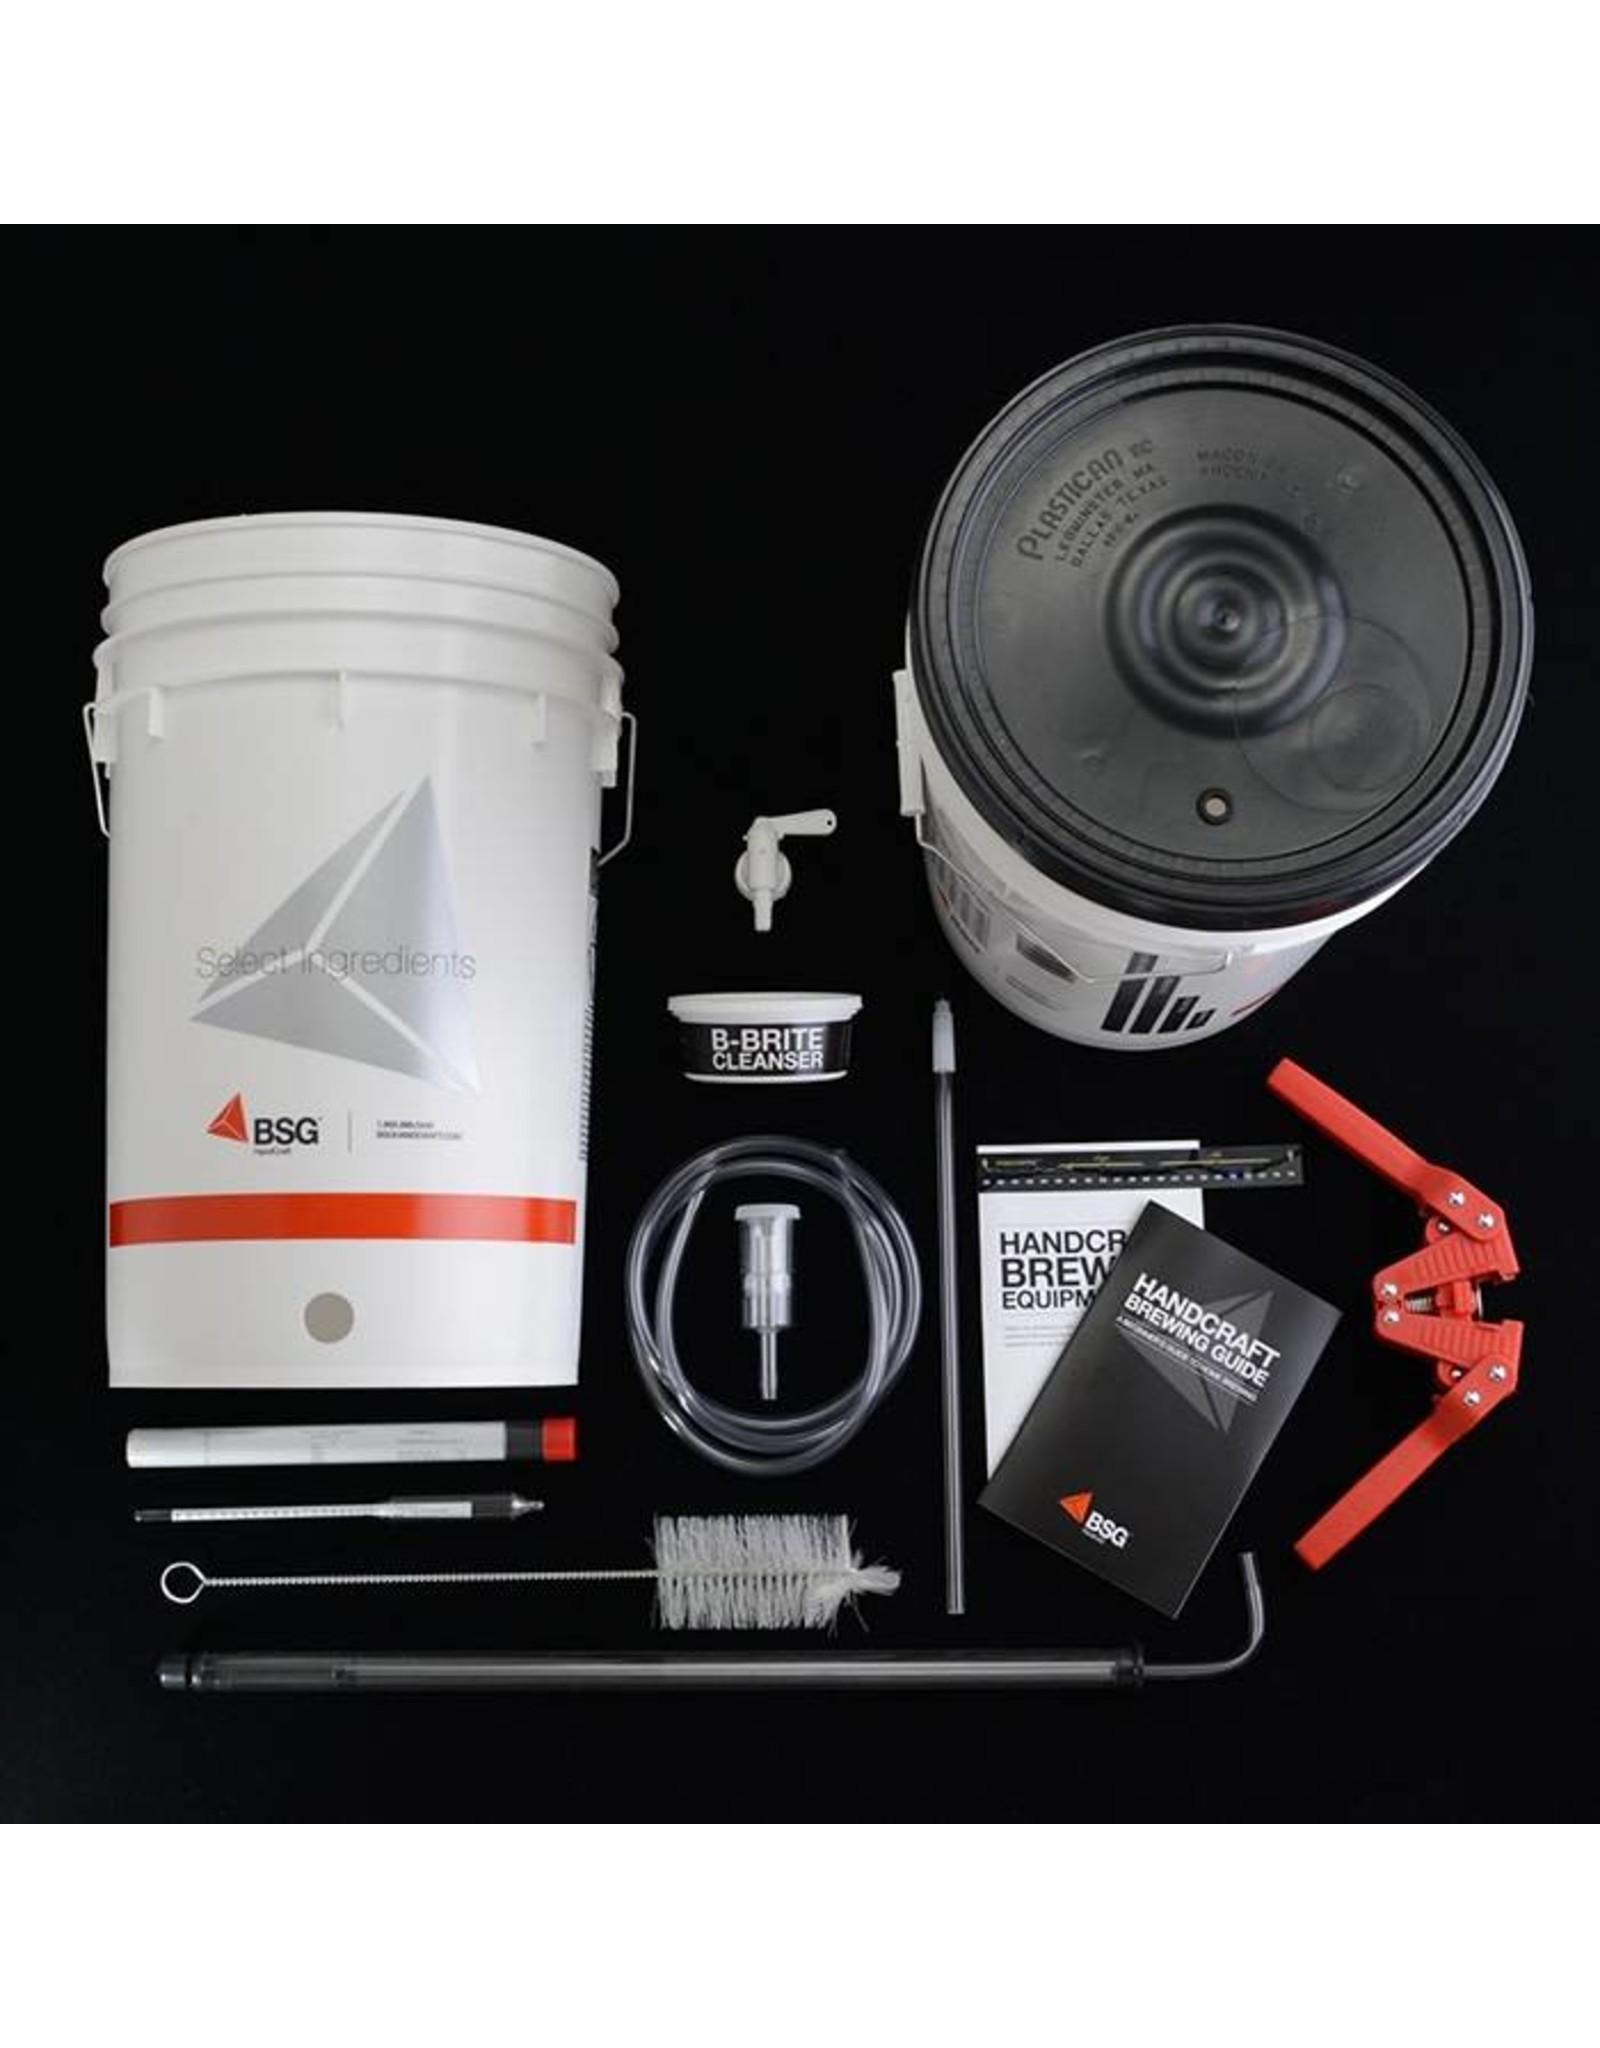 TrueBrew K3 Beer Equipment Kit